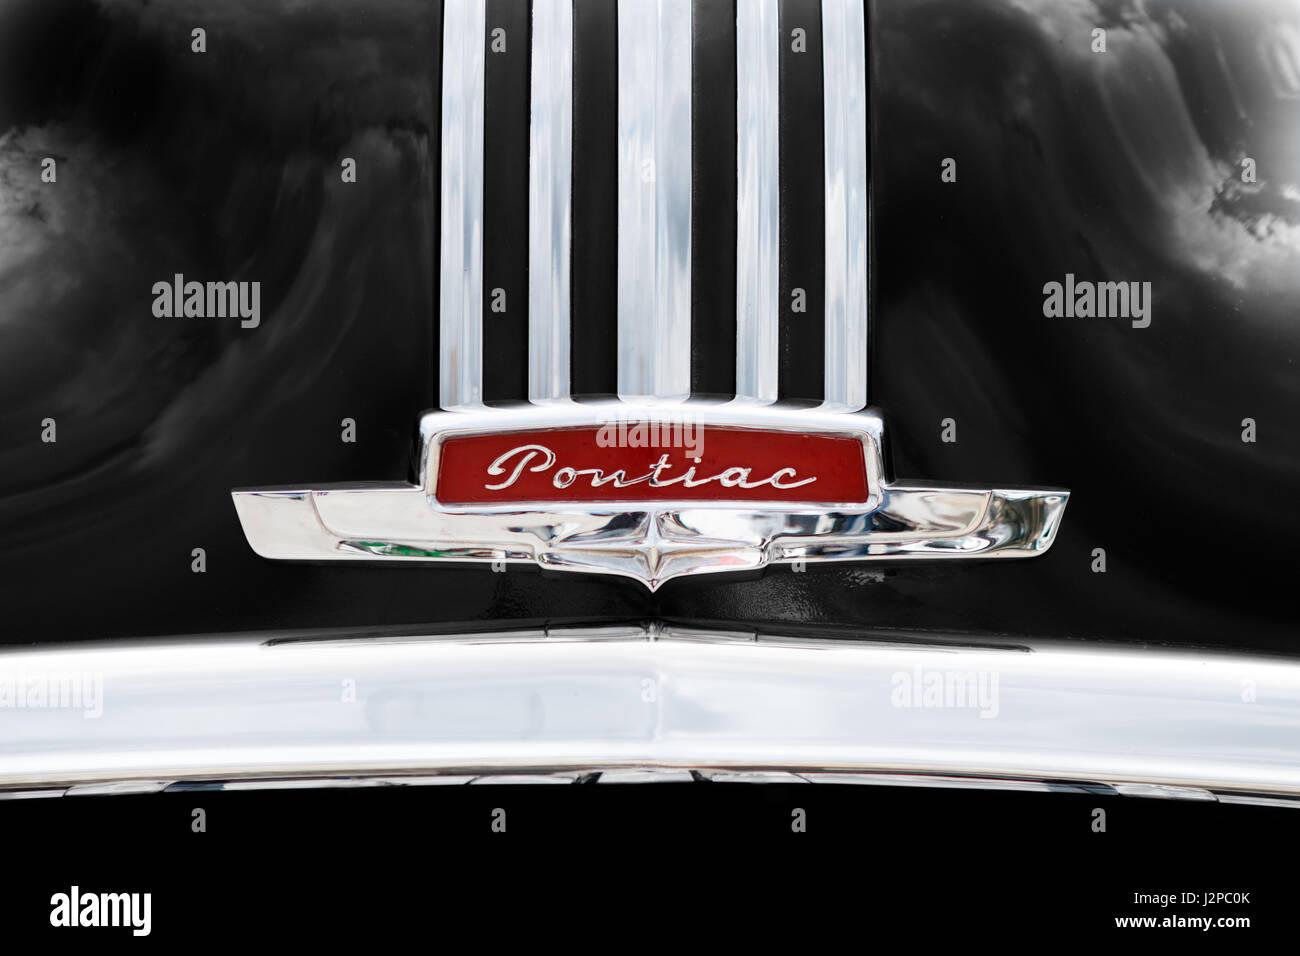 Pontiac Car Symbol Logo Stock Photos Pontiac Car Symbol Logo Stock